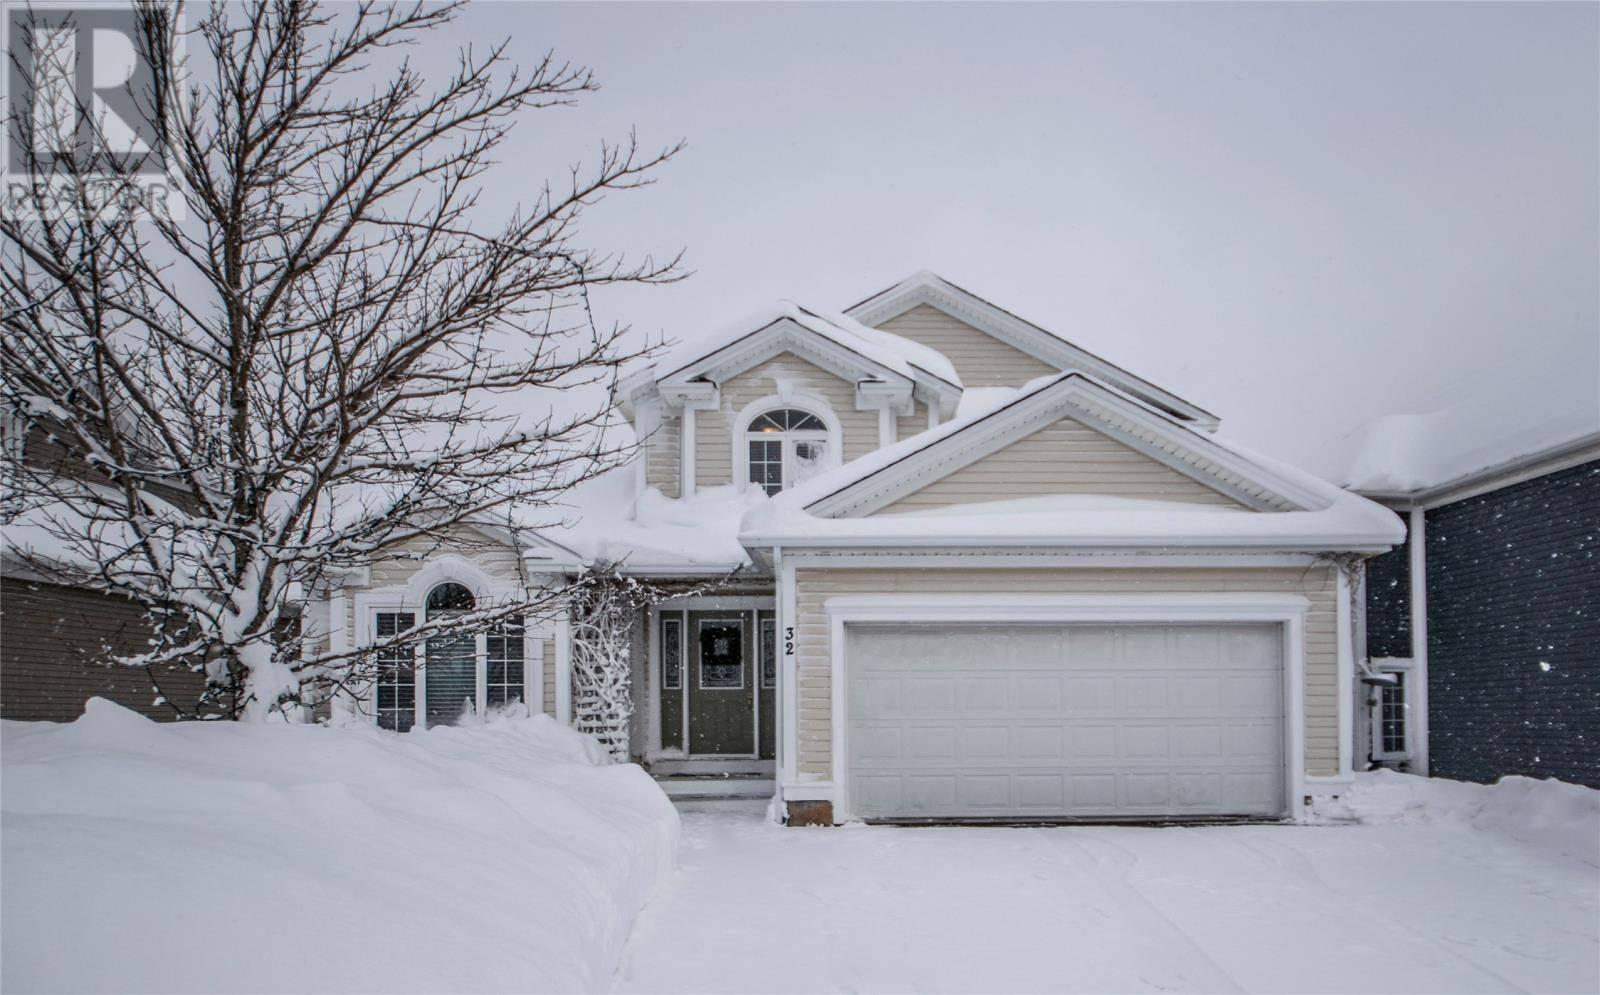 House for sale at 32 Larner St St. John's Newfoundland - MLS: 1211456